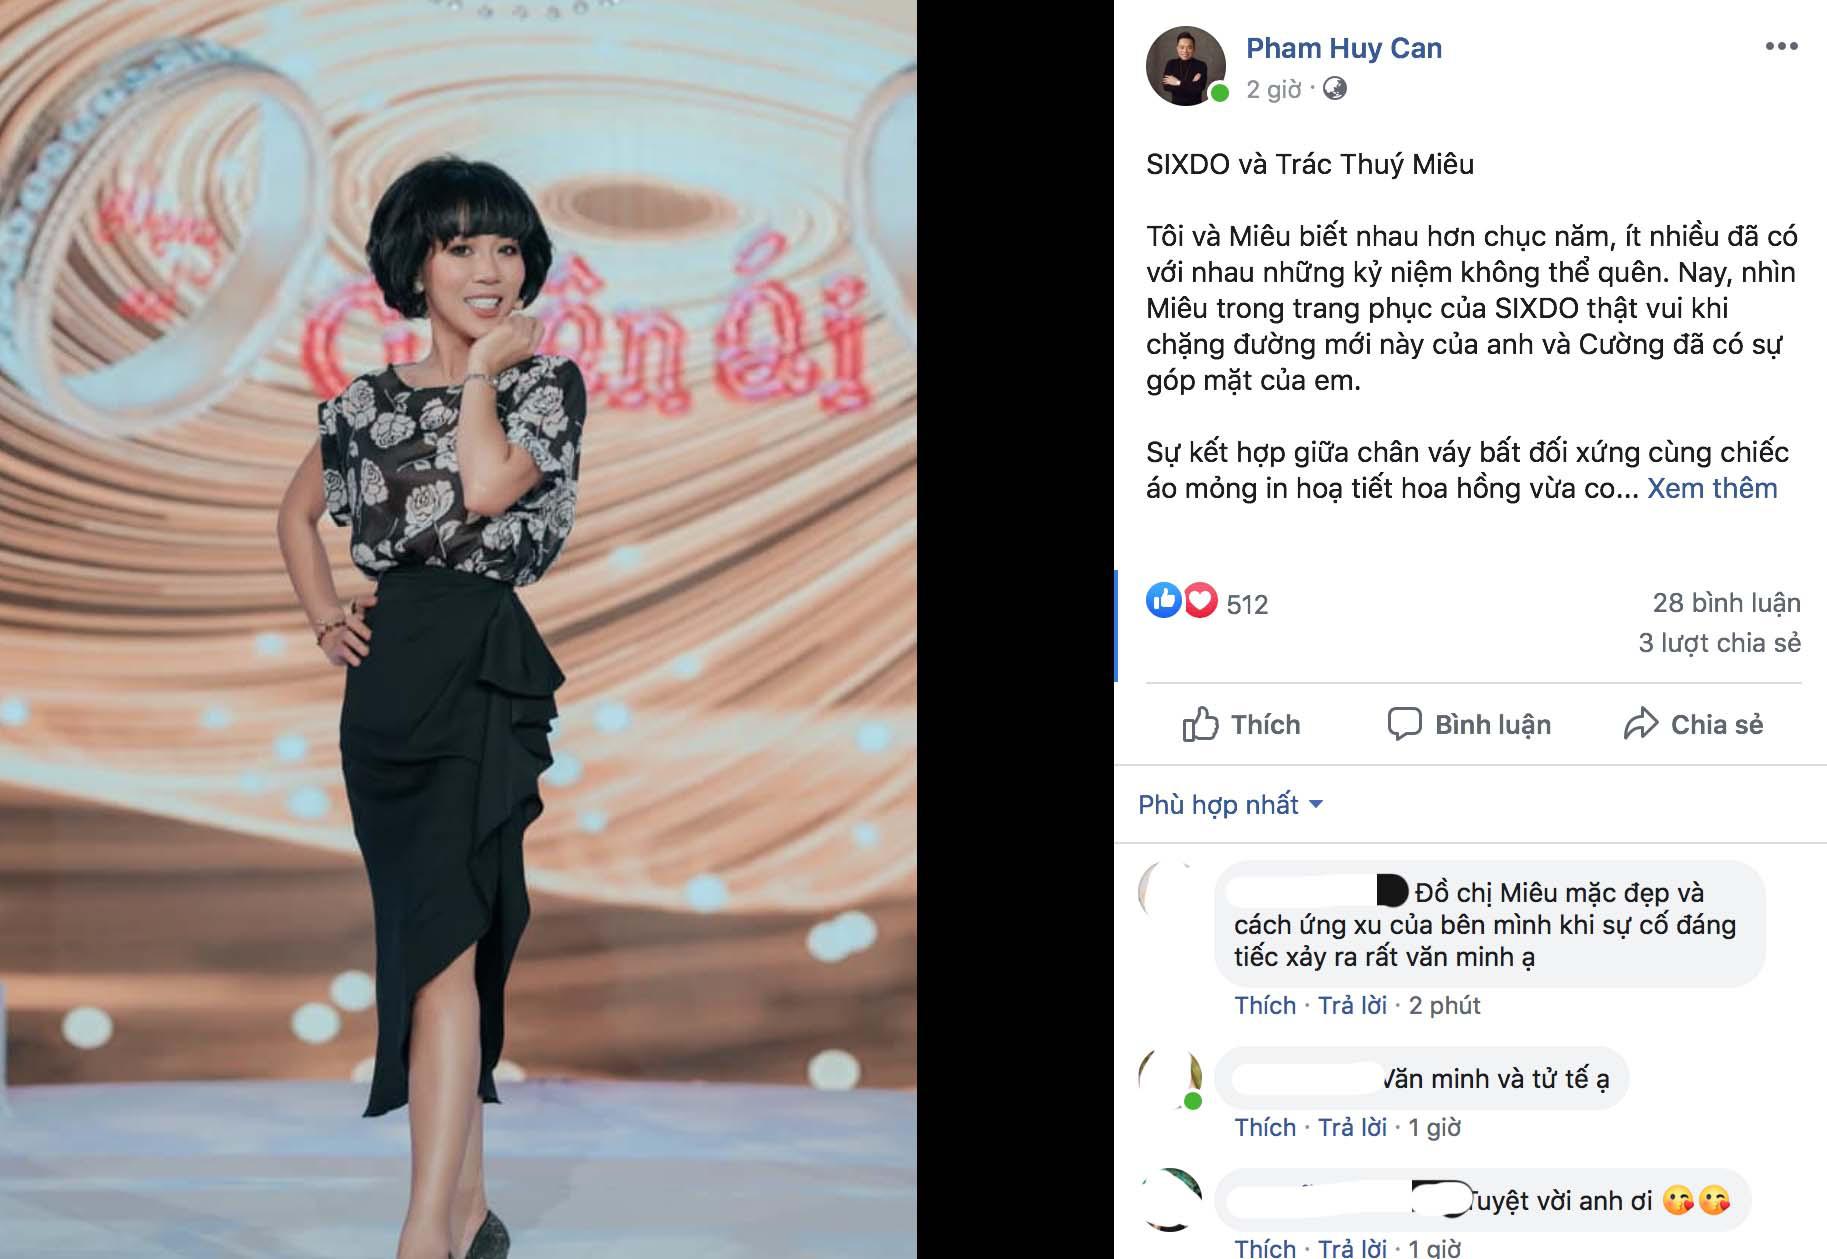 CEO của sâu thời trang Đỗ Mạnh Cường lên tiếng trước việc Trác Thuý Miêu bỏ về và vứt thiệp mời, - Ảnh 1.